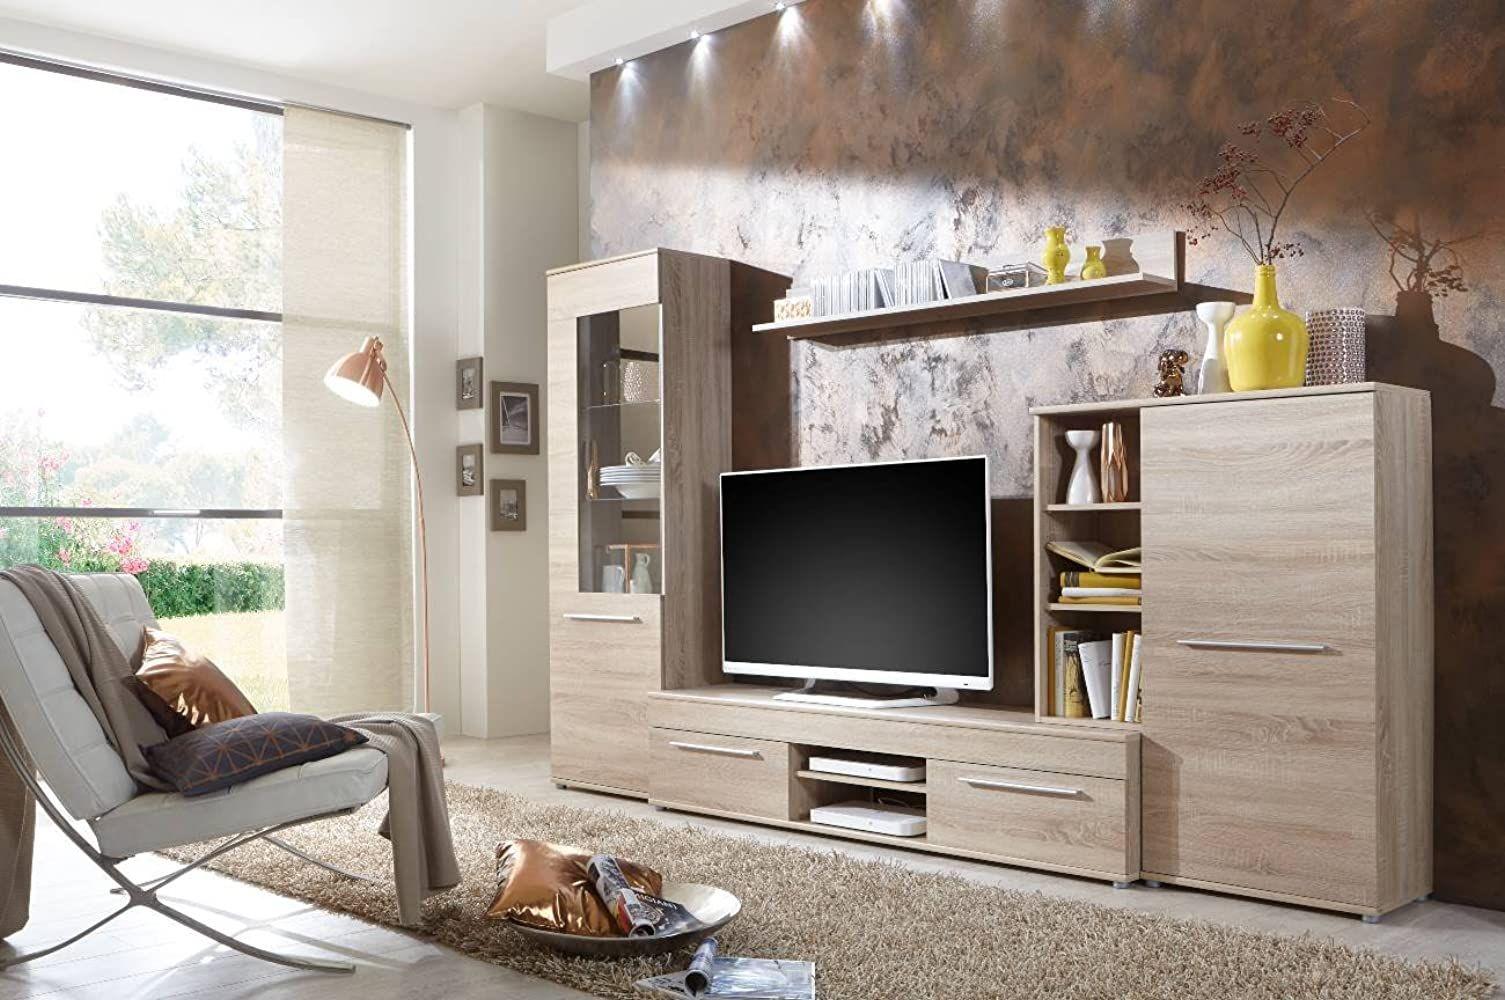 Bmg Mobel Wohnwand Wohnzimmerschrank Fernseh Schrank Anbauwand Tv